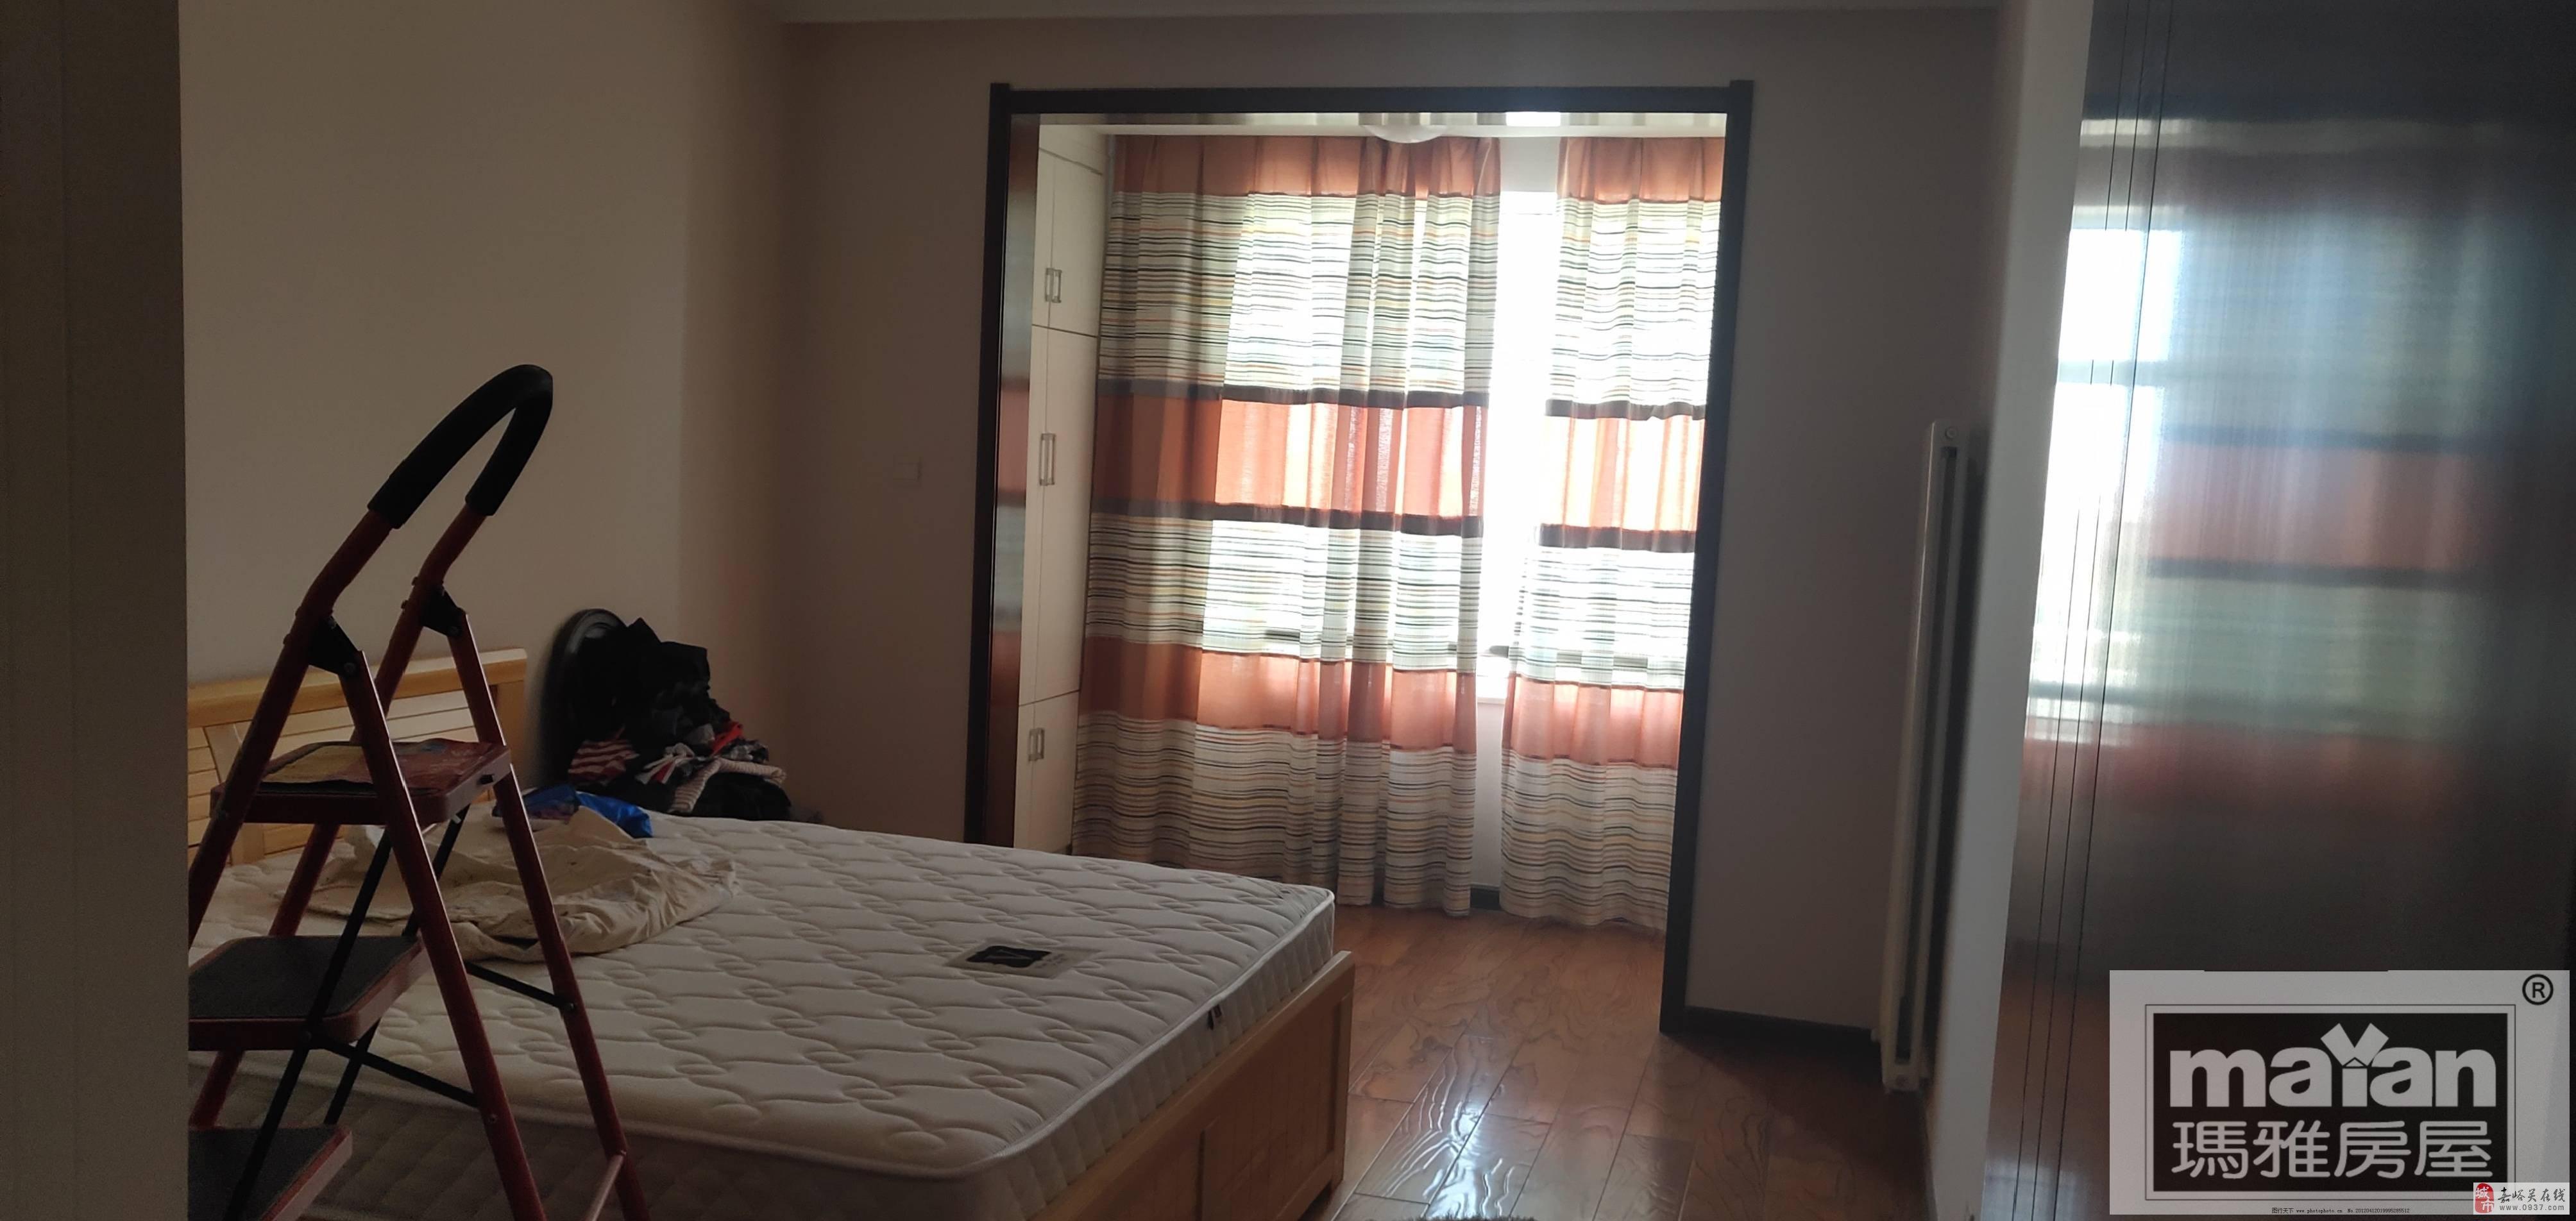 【玛雅房屋】东湖国际4室2厅2卫160万元